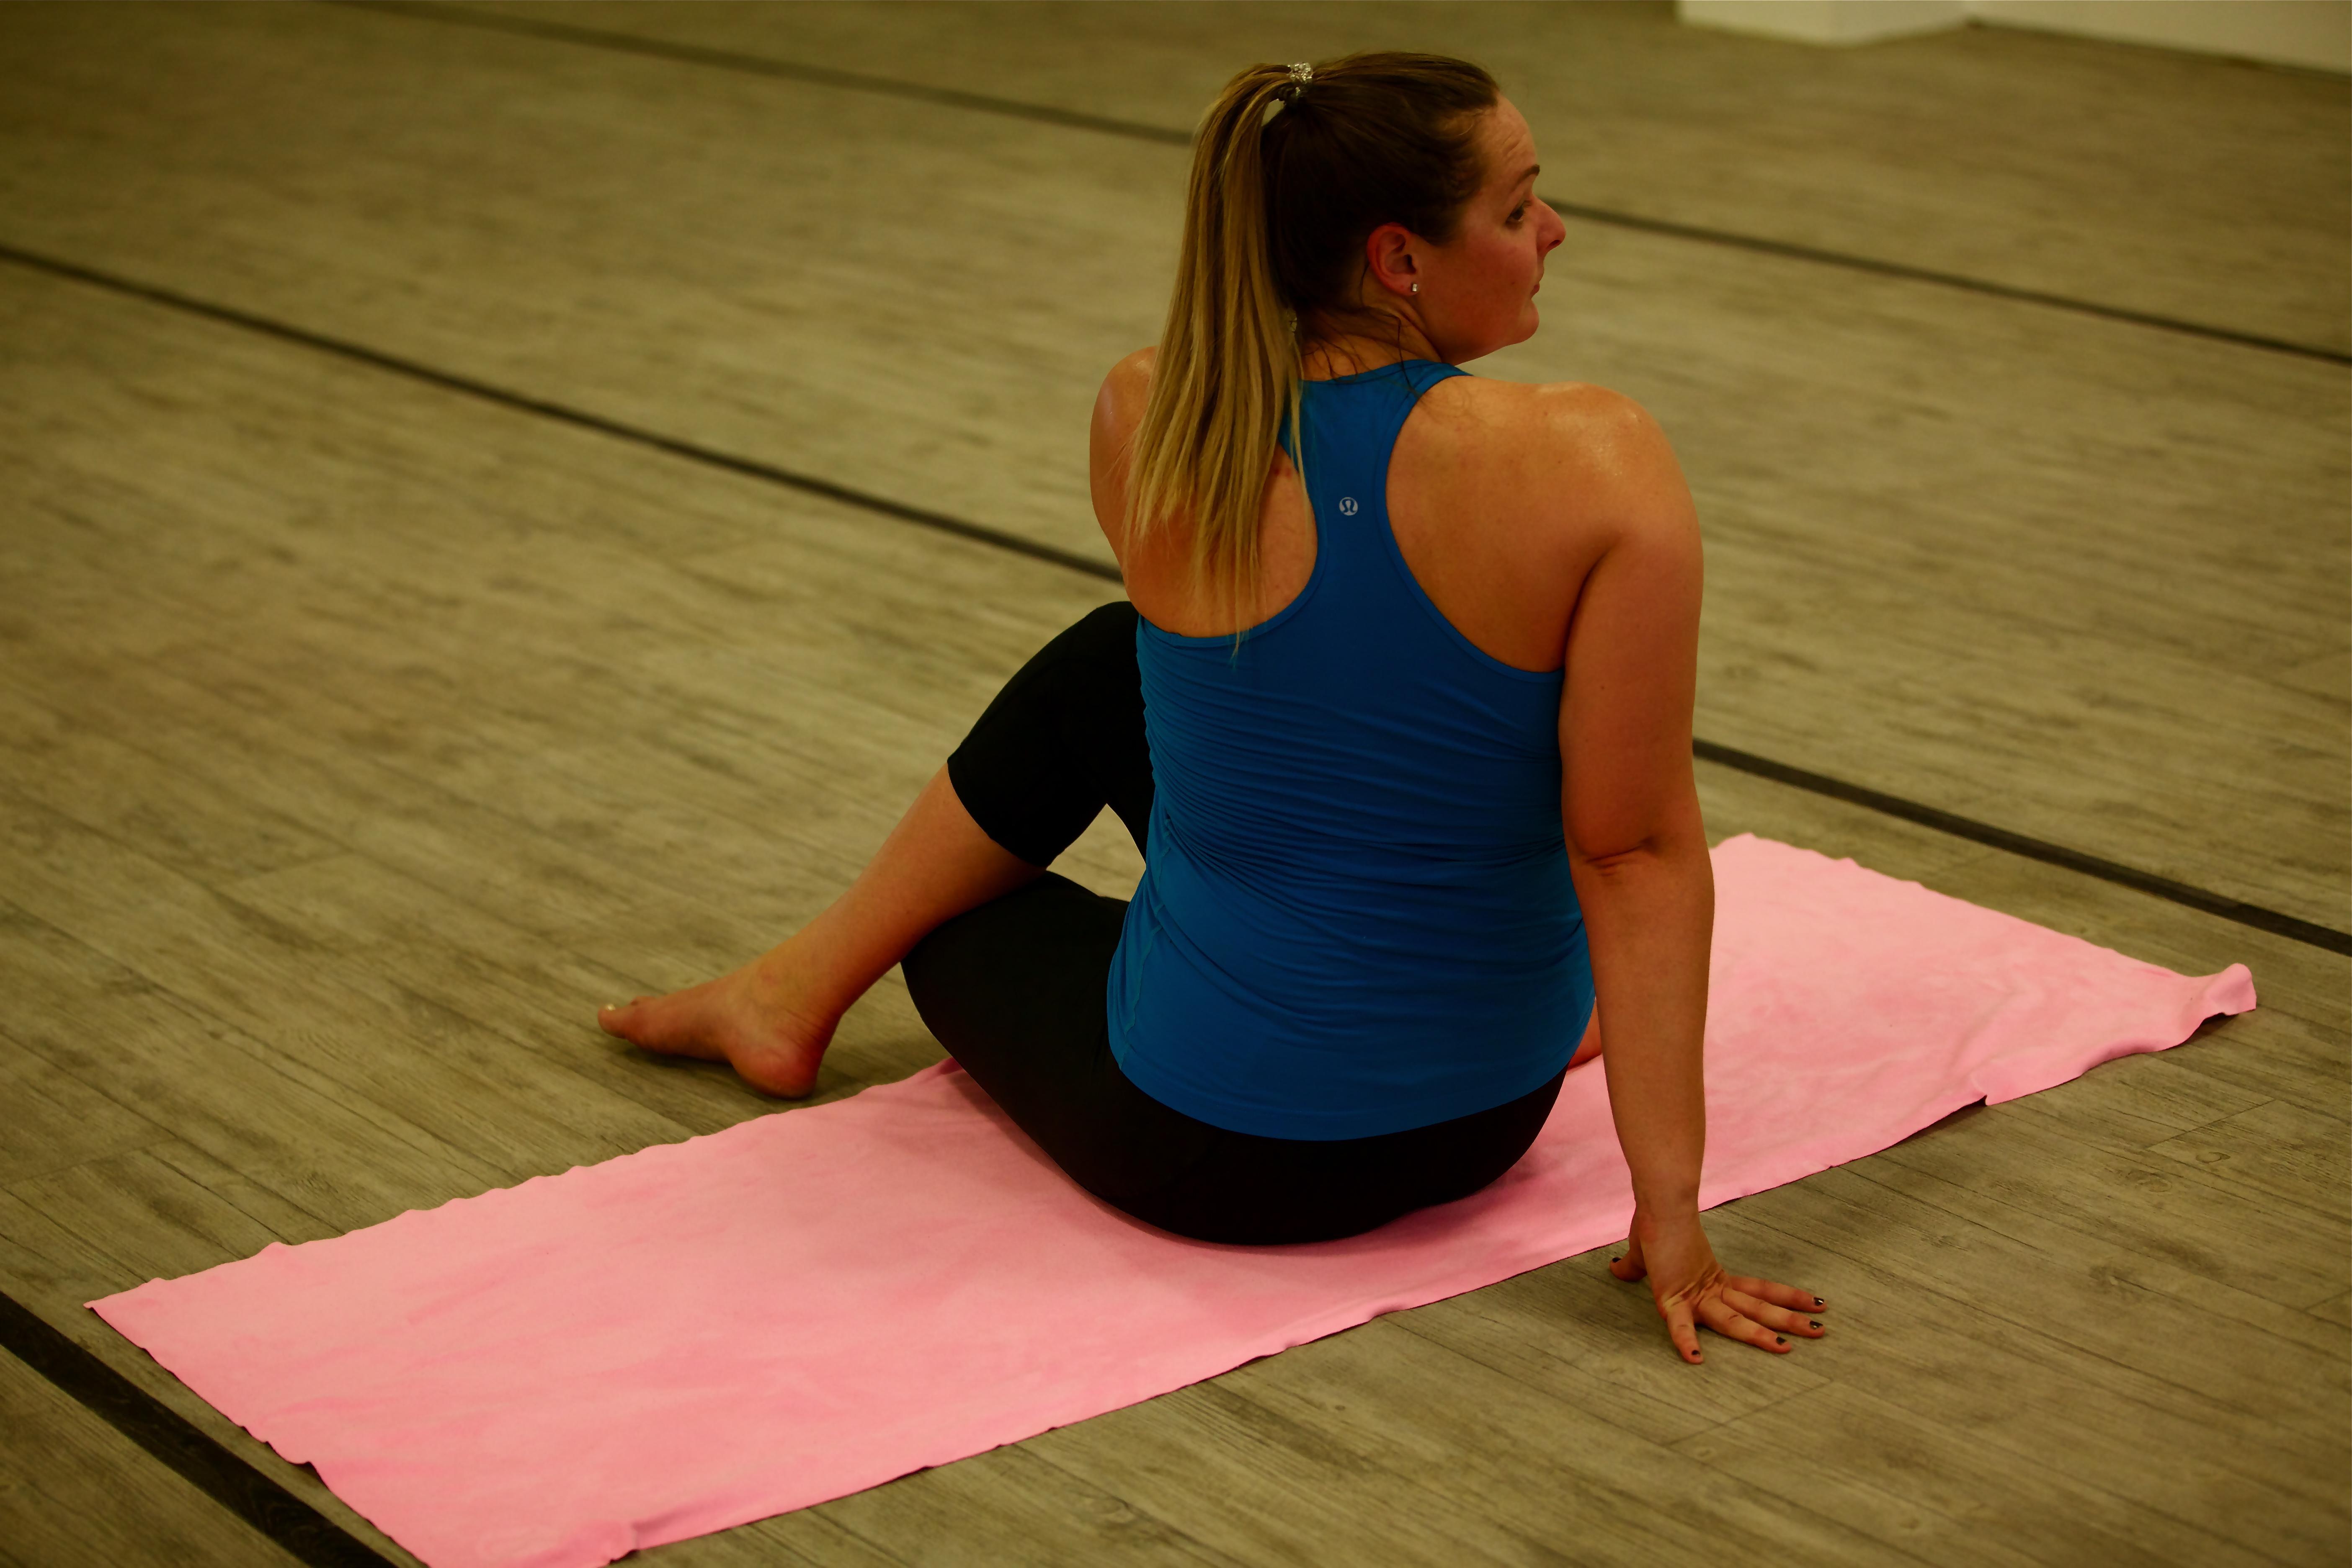 bikram life of yoga fresh better mats for hot mat